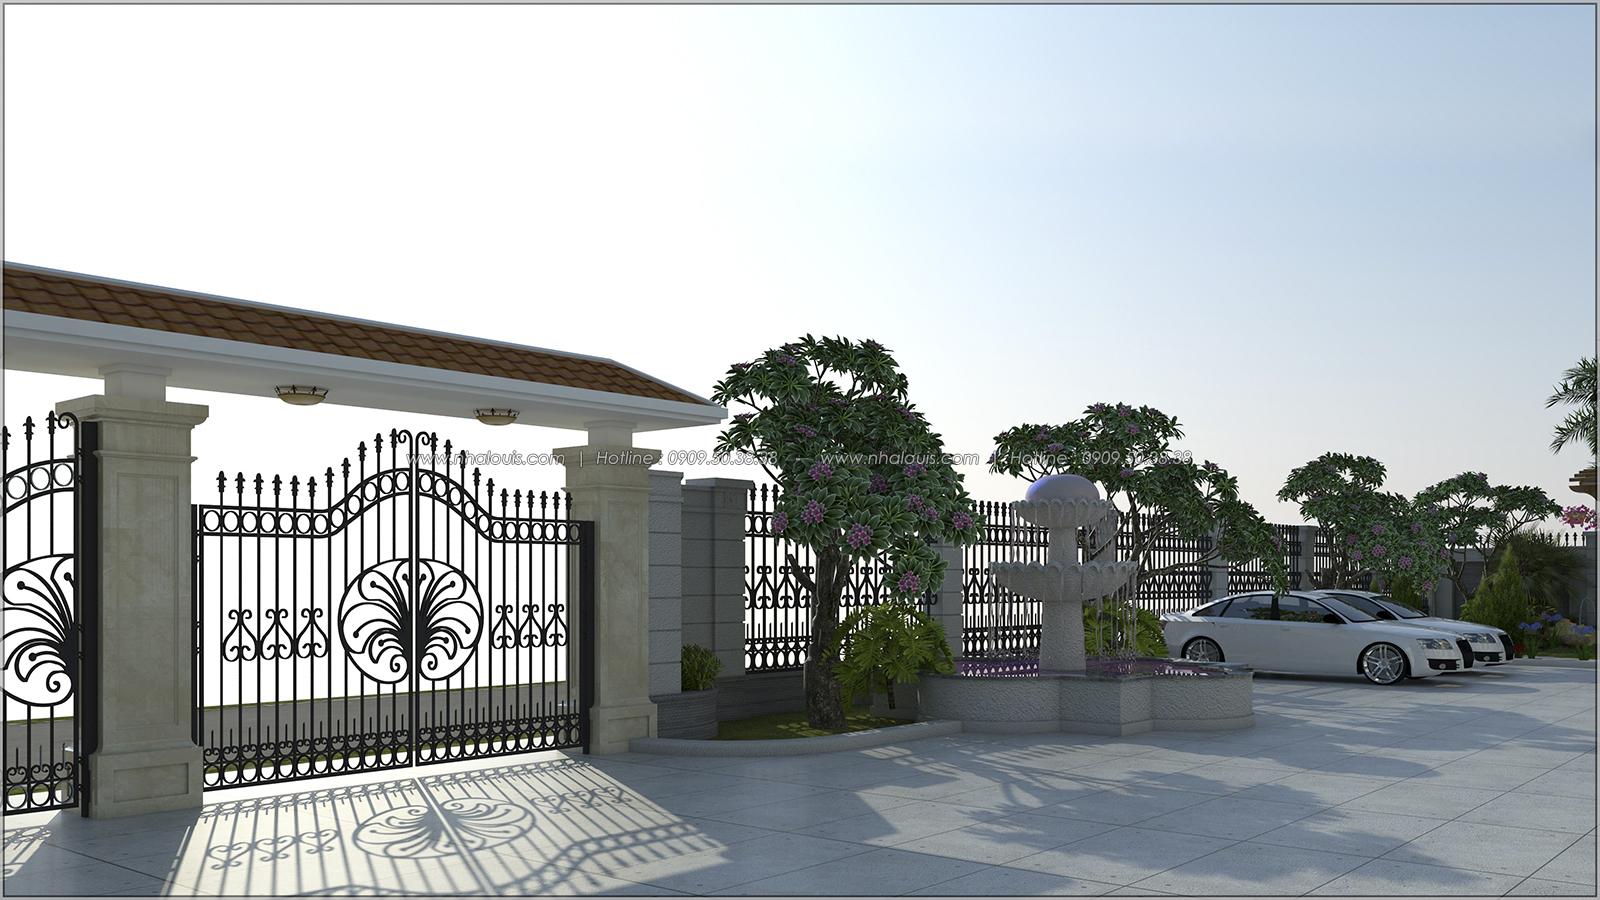 Những tiêu chí cần có để thiết kế kiến trúc và xây dựng nhà đẹp - 03